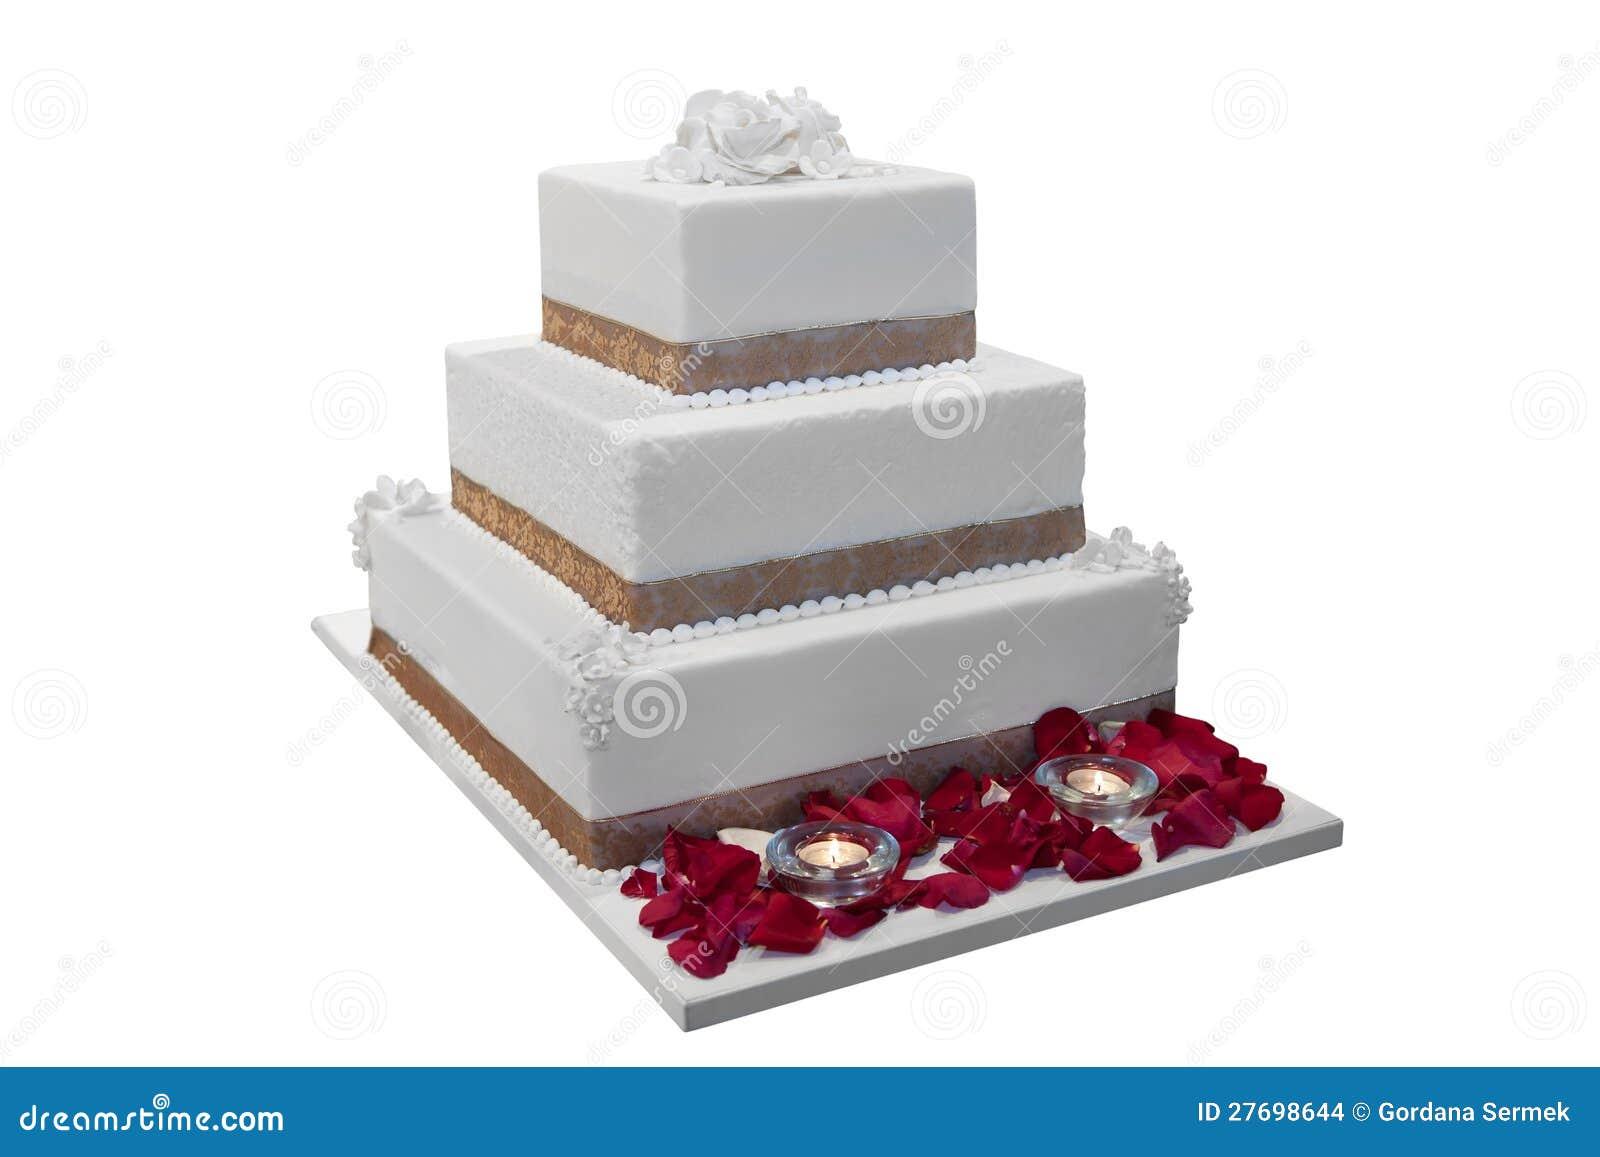 Elegant Wedding Cake Stock Image